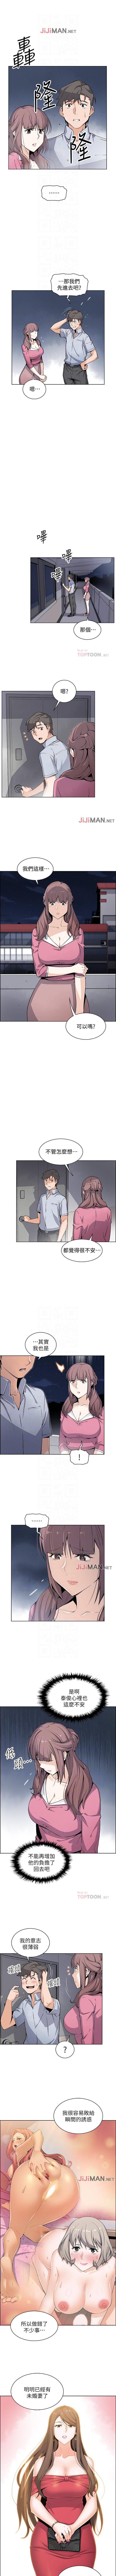 【周四连载】前女友变女佣(作者:PAPER&頸枕) 第1~33话 176